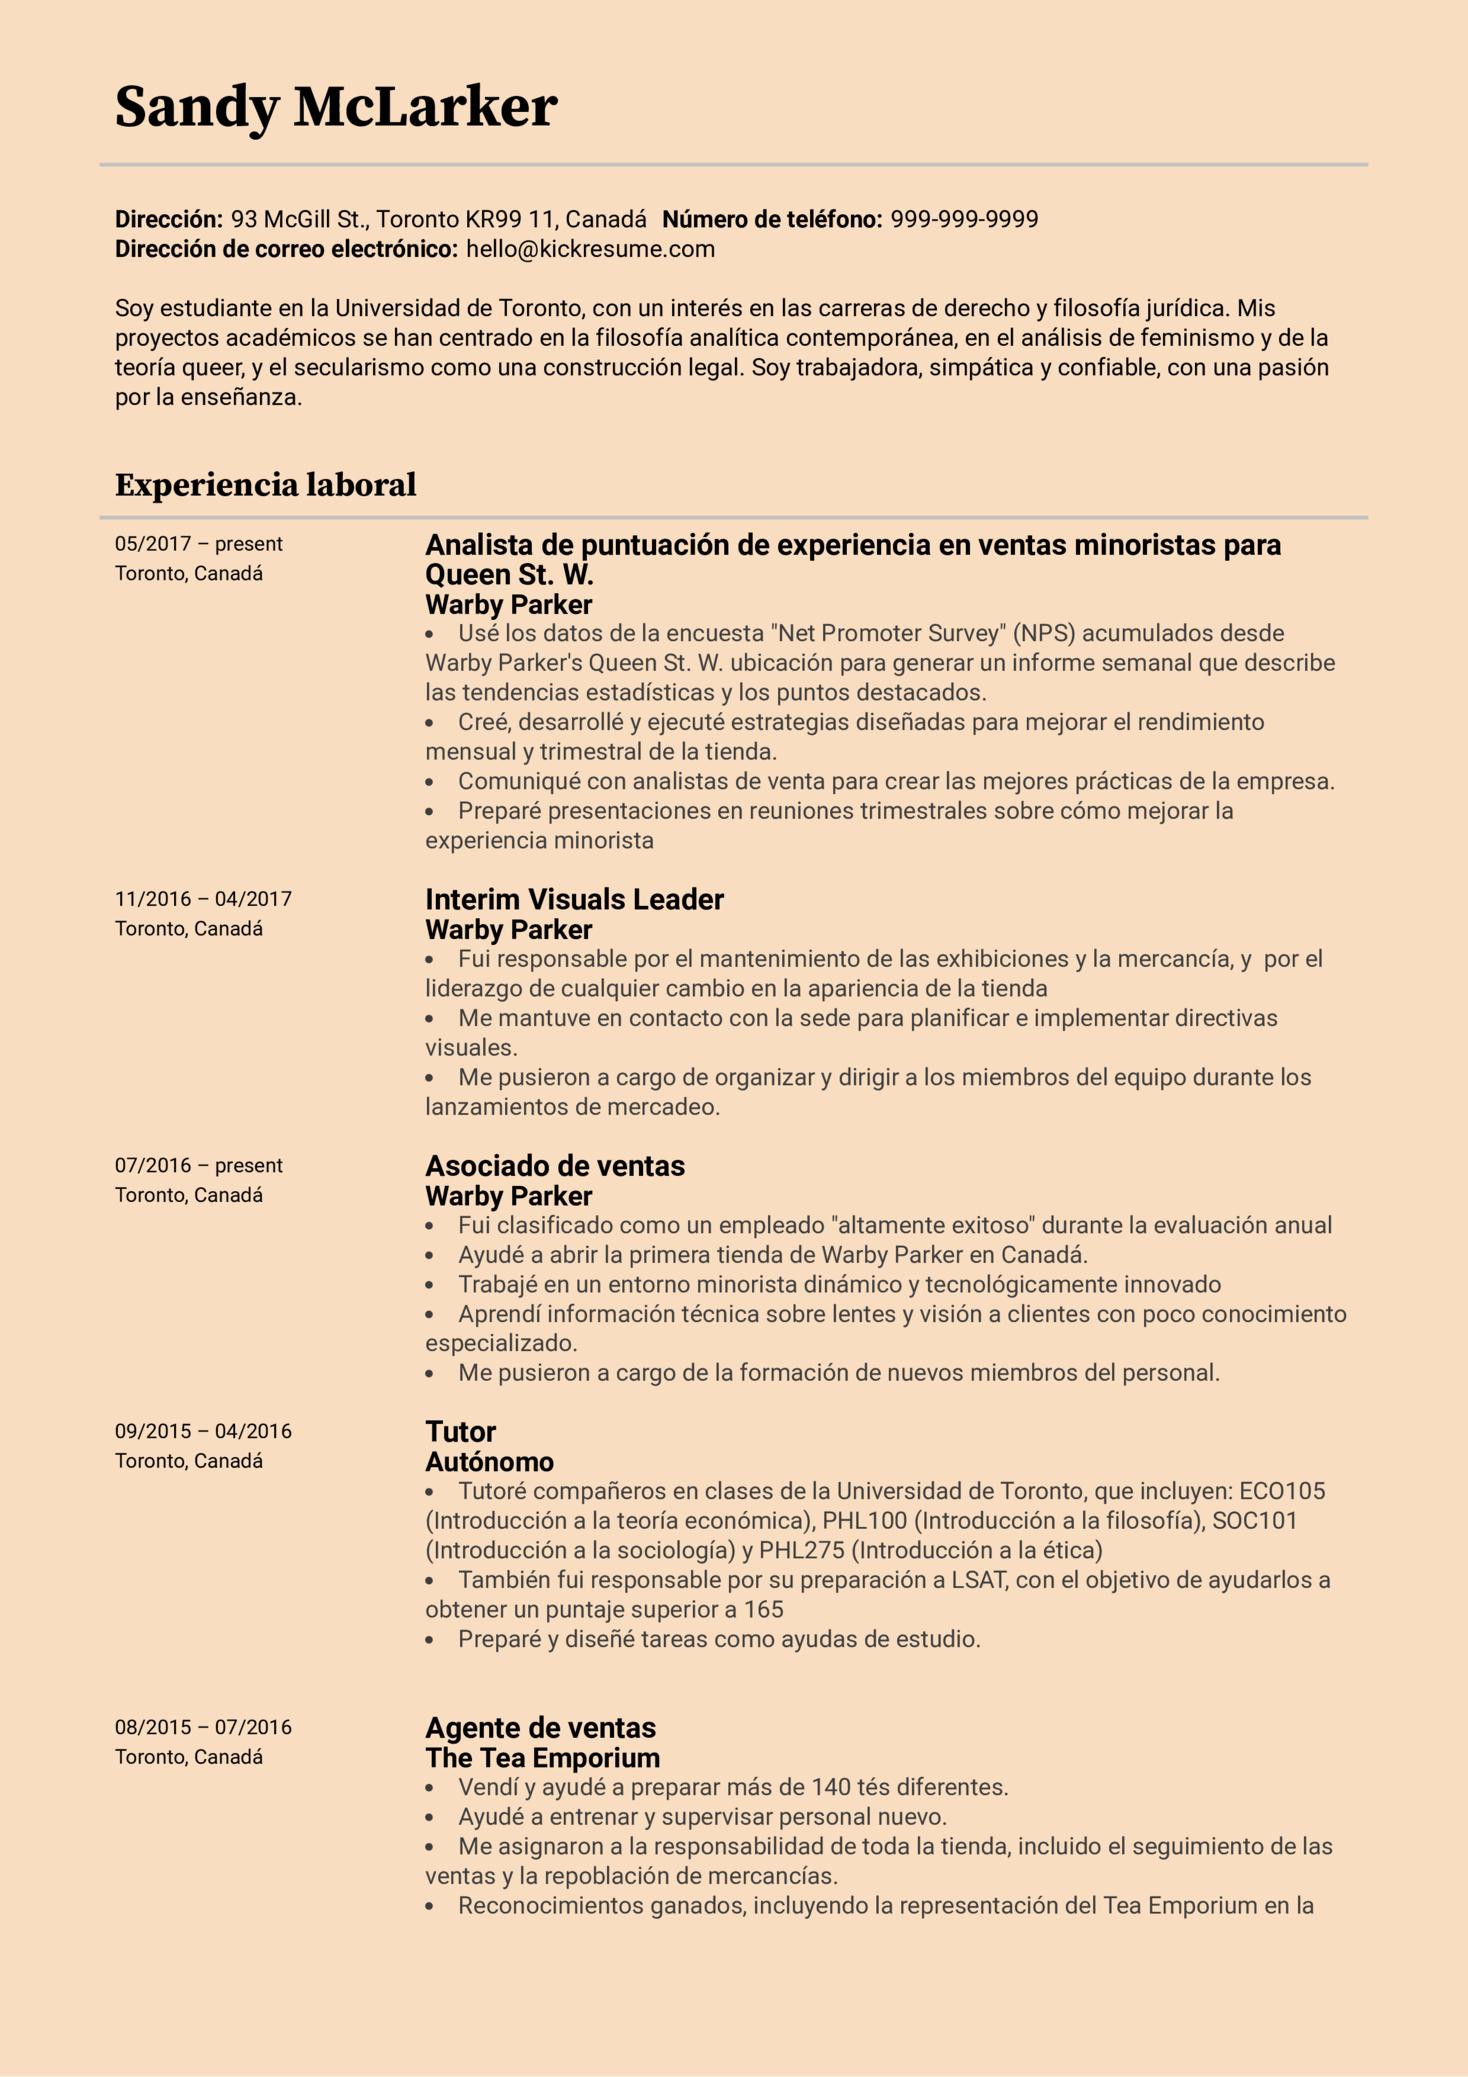 Analista con experiencia en minorista currículum ejemplo [ES] (Parte 1)